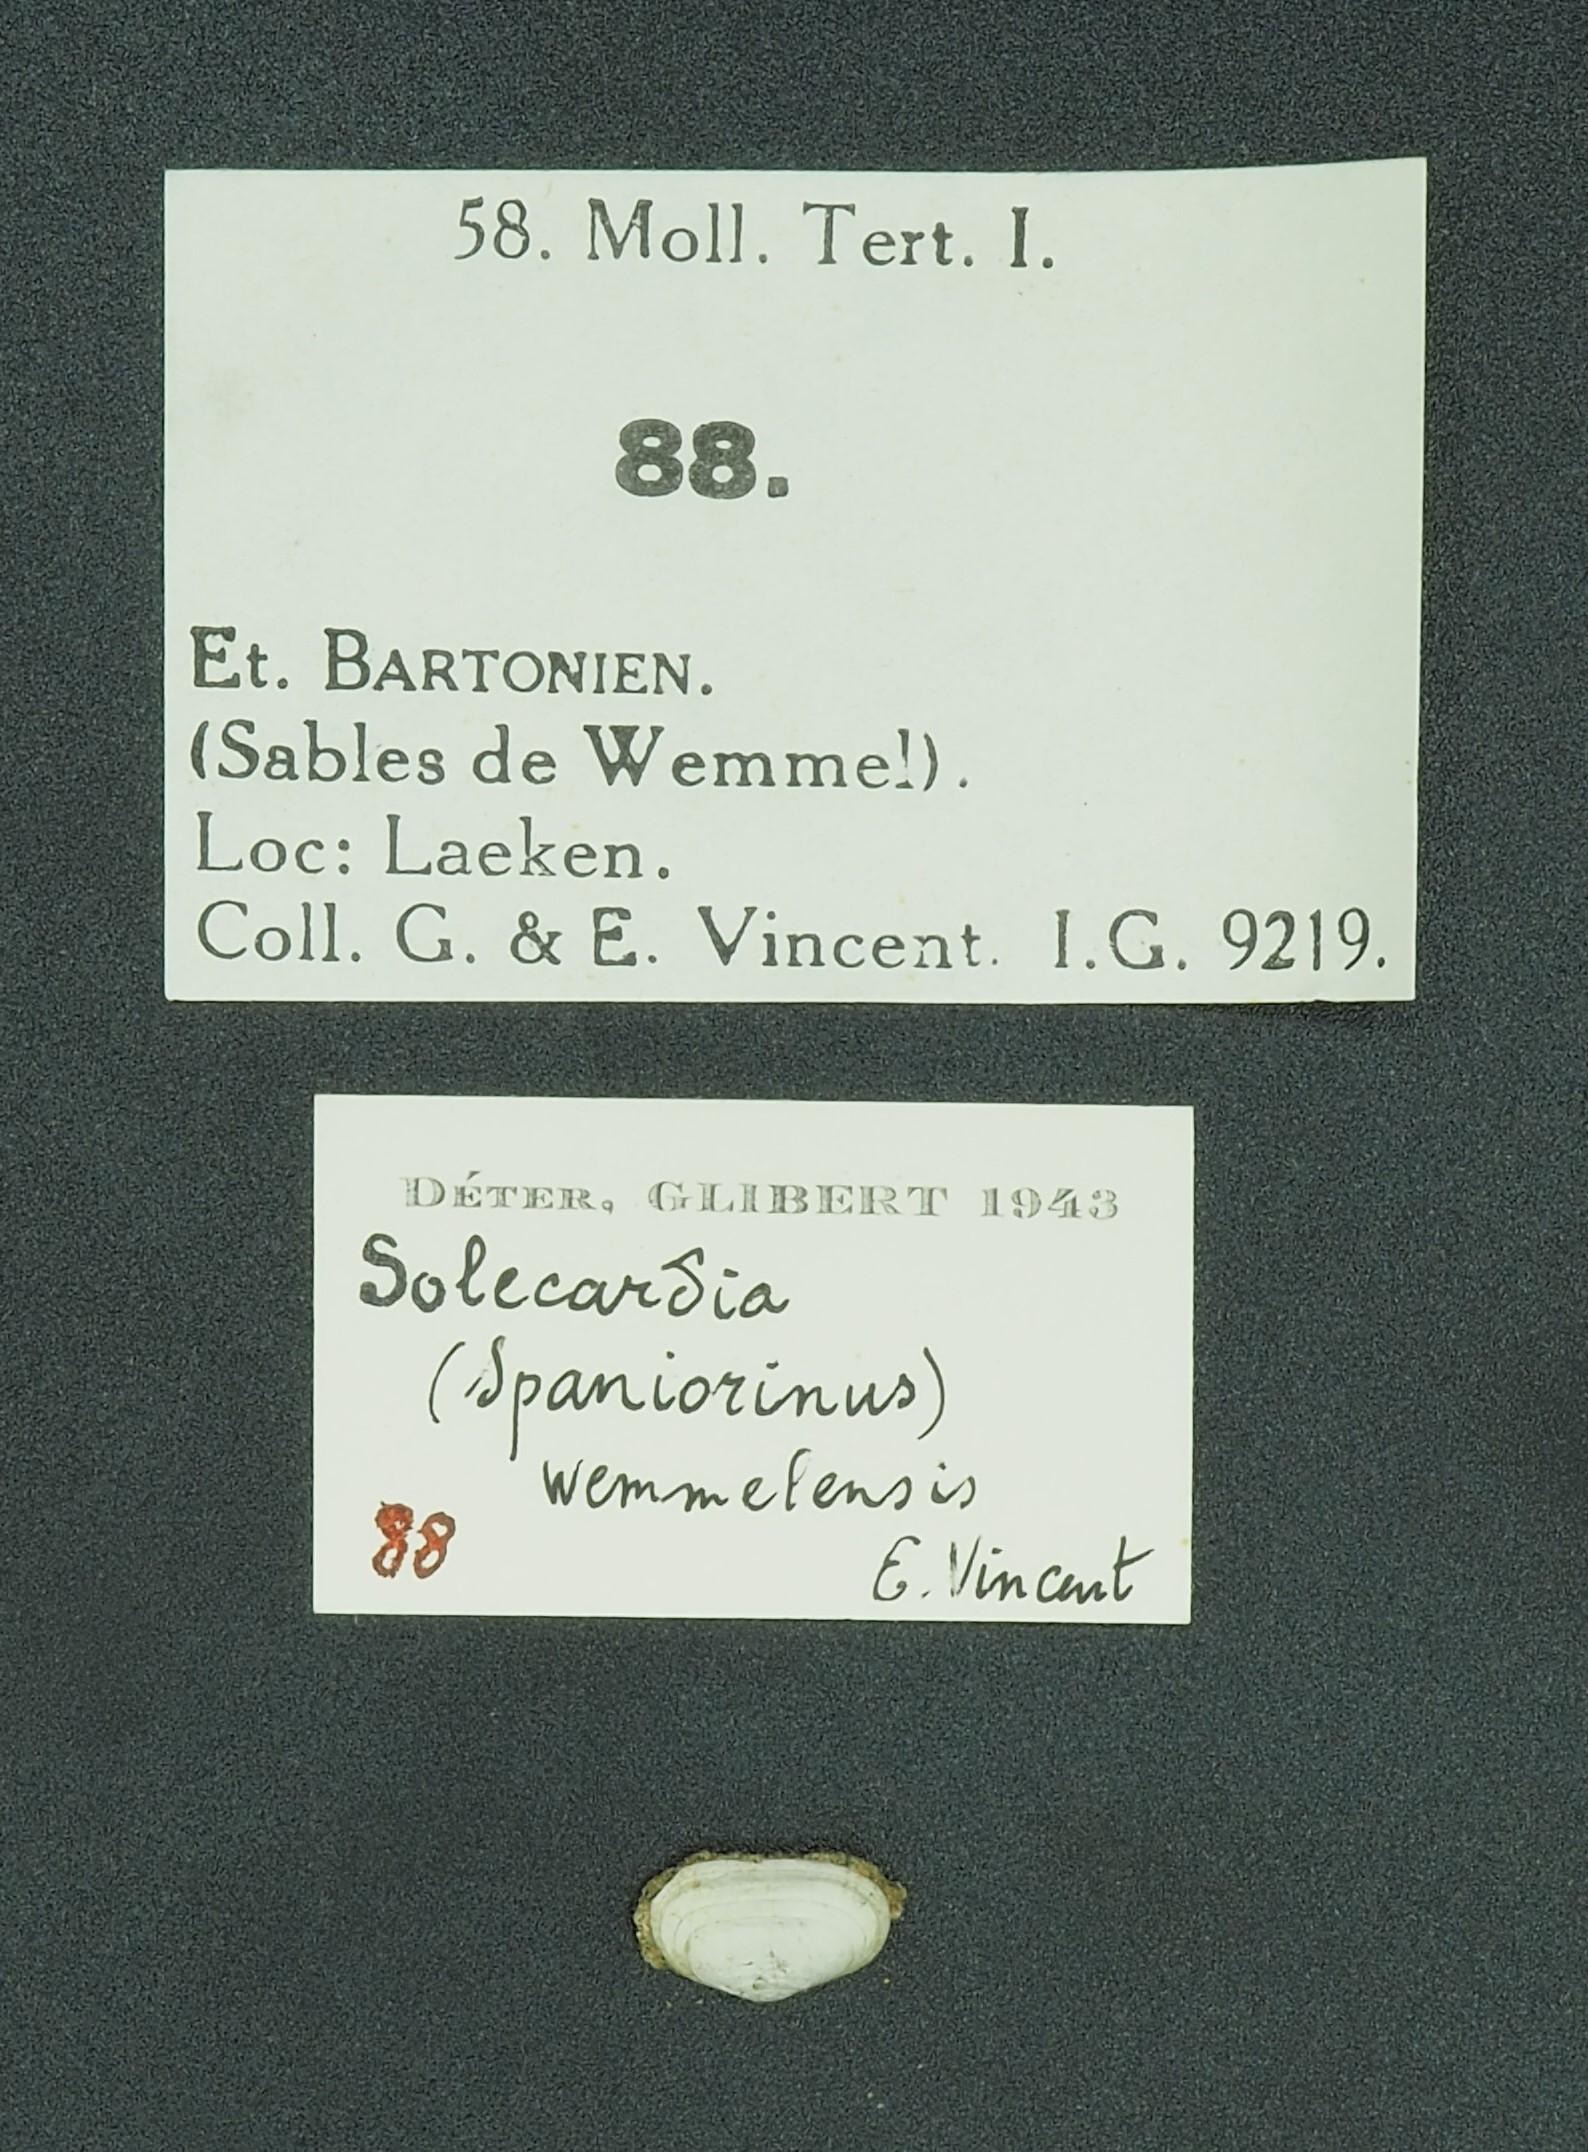 RBINS 88 - Solecardia wemmelensis